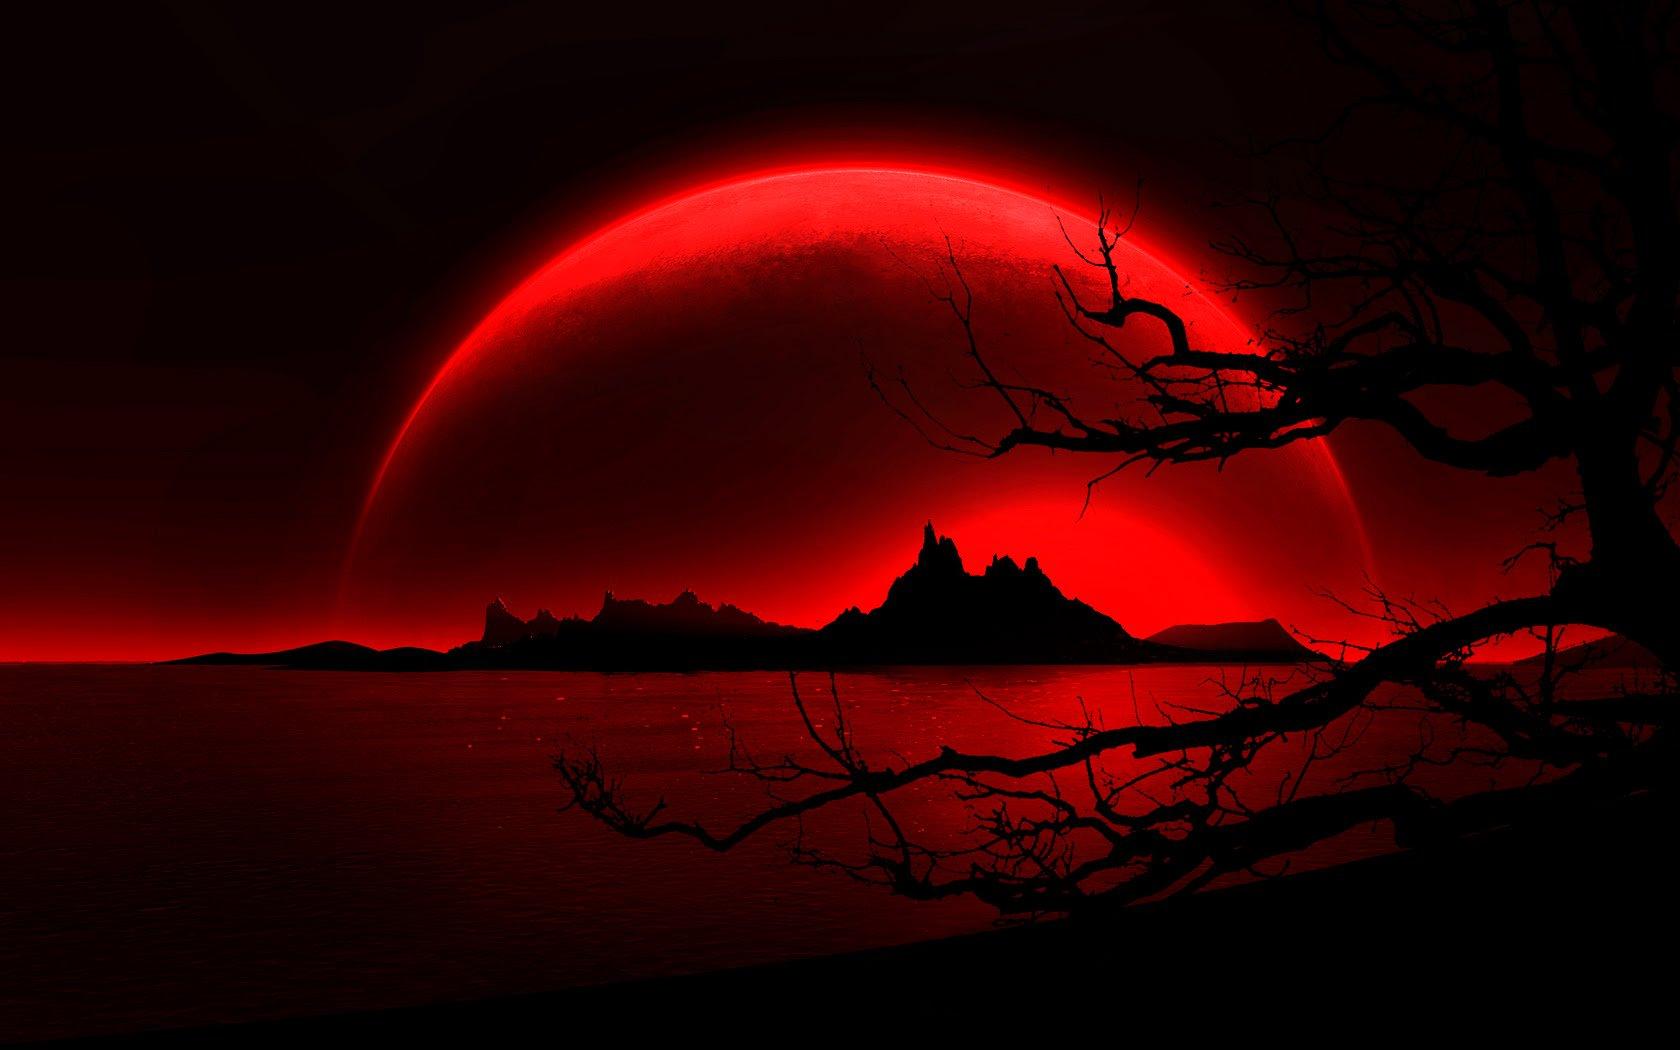 картинка кровавой ночи мастера могут